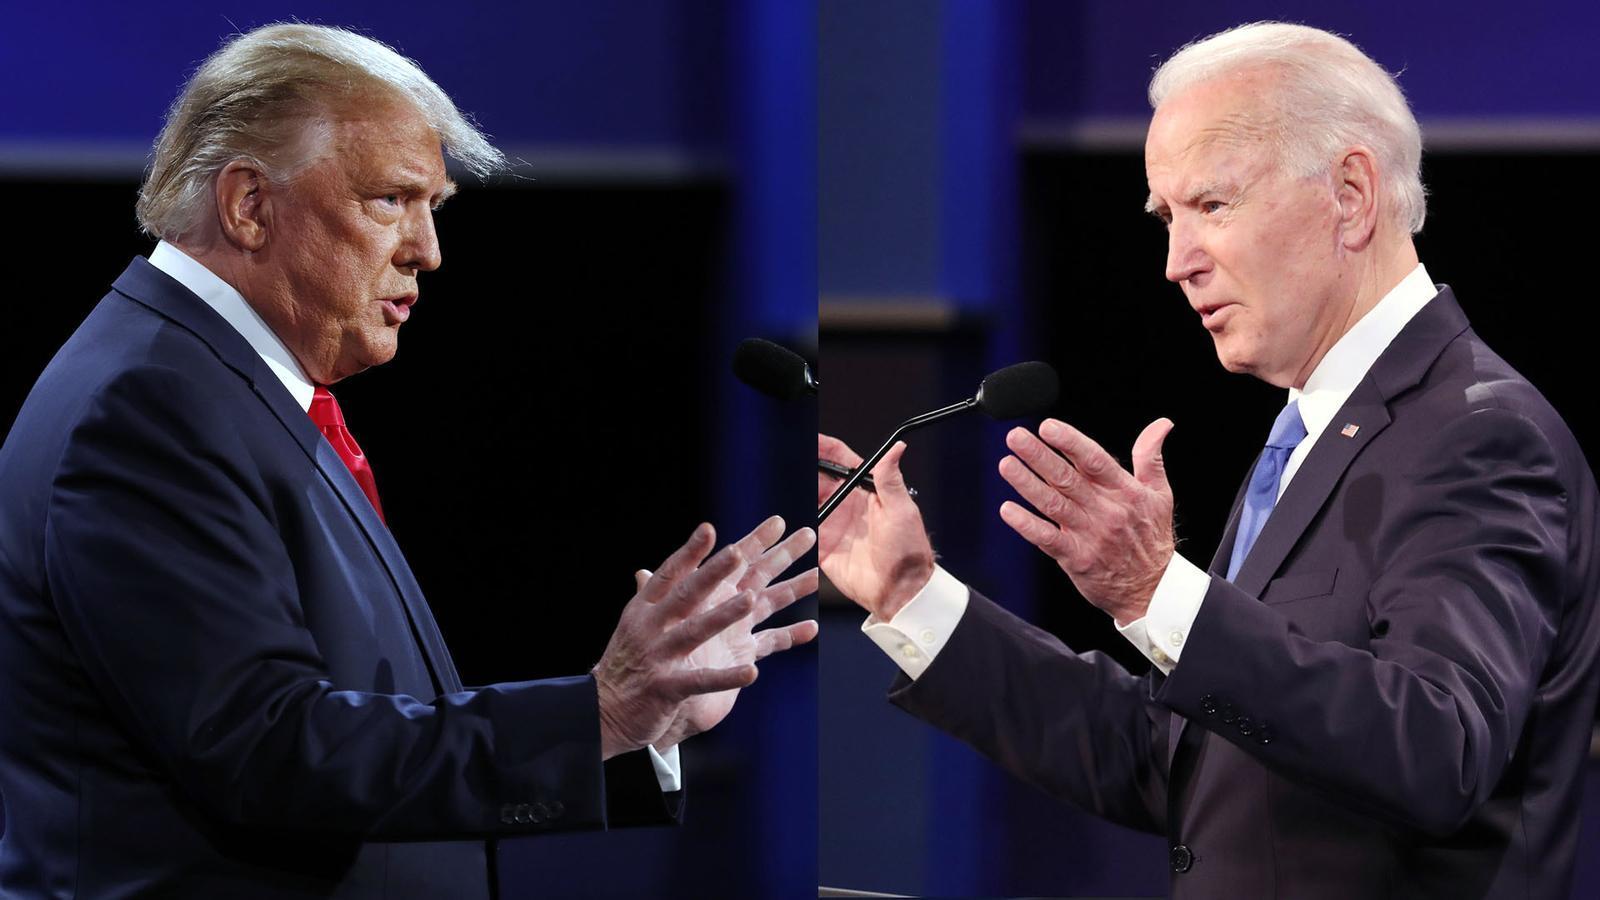 No hi ha toc de queda, de moment; l'últim debat Trump-Biden ha estat més endreçat; i l'accés al Montseny en cotxe es limitarà aquest cap de setmana: les claus del dia, amb Antoni Bassas (23/10/2020)